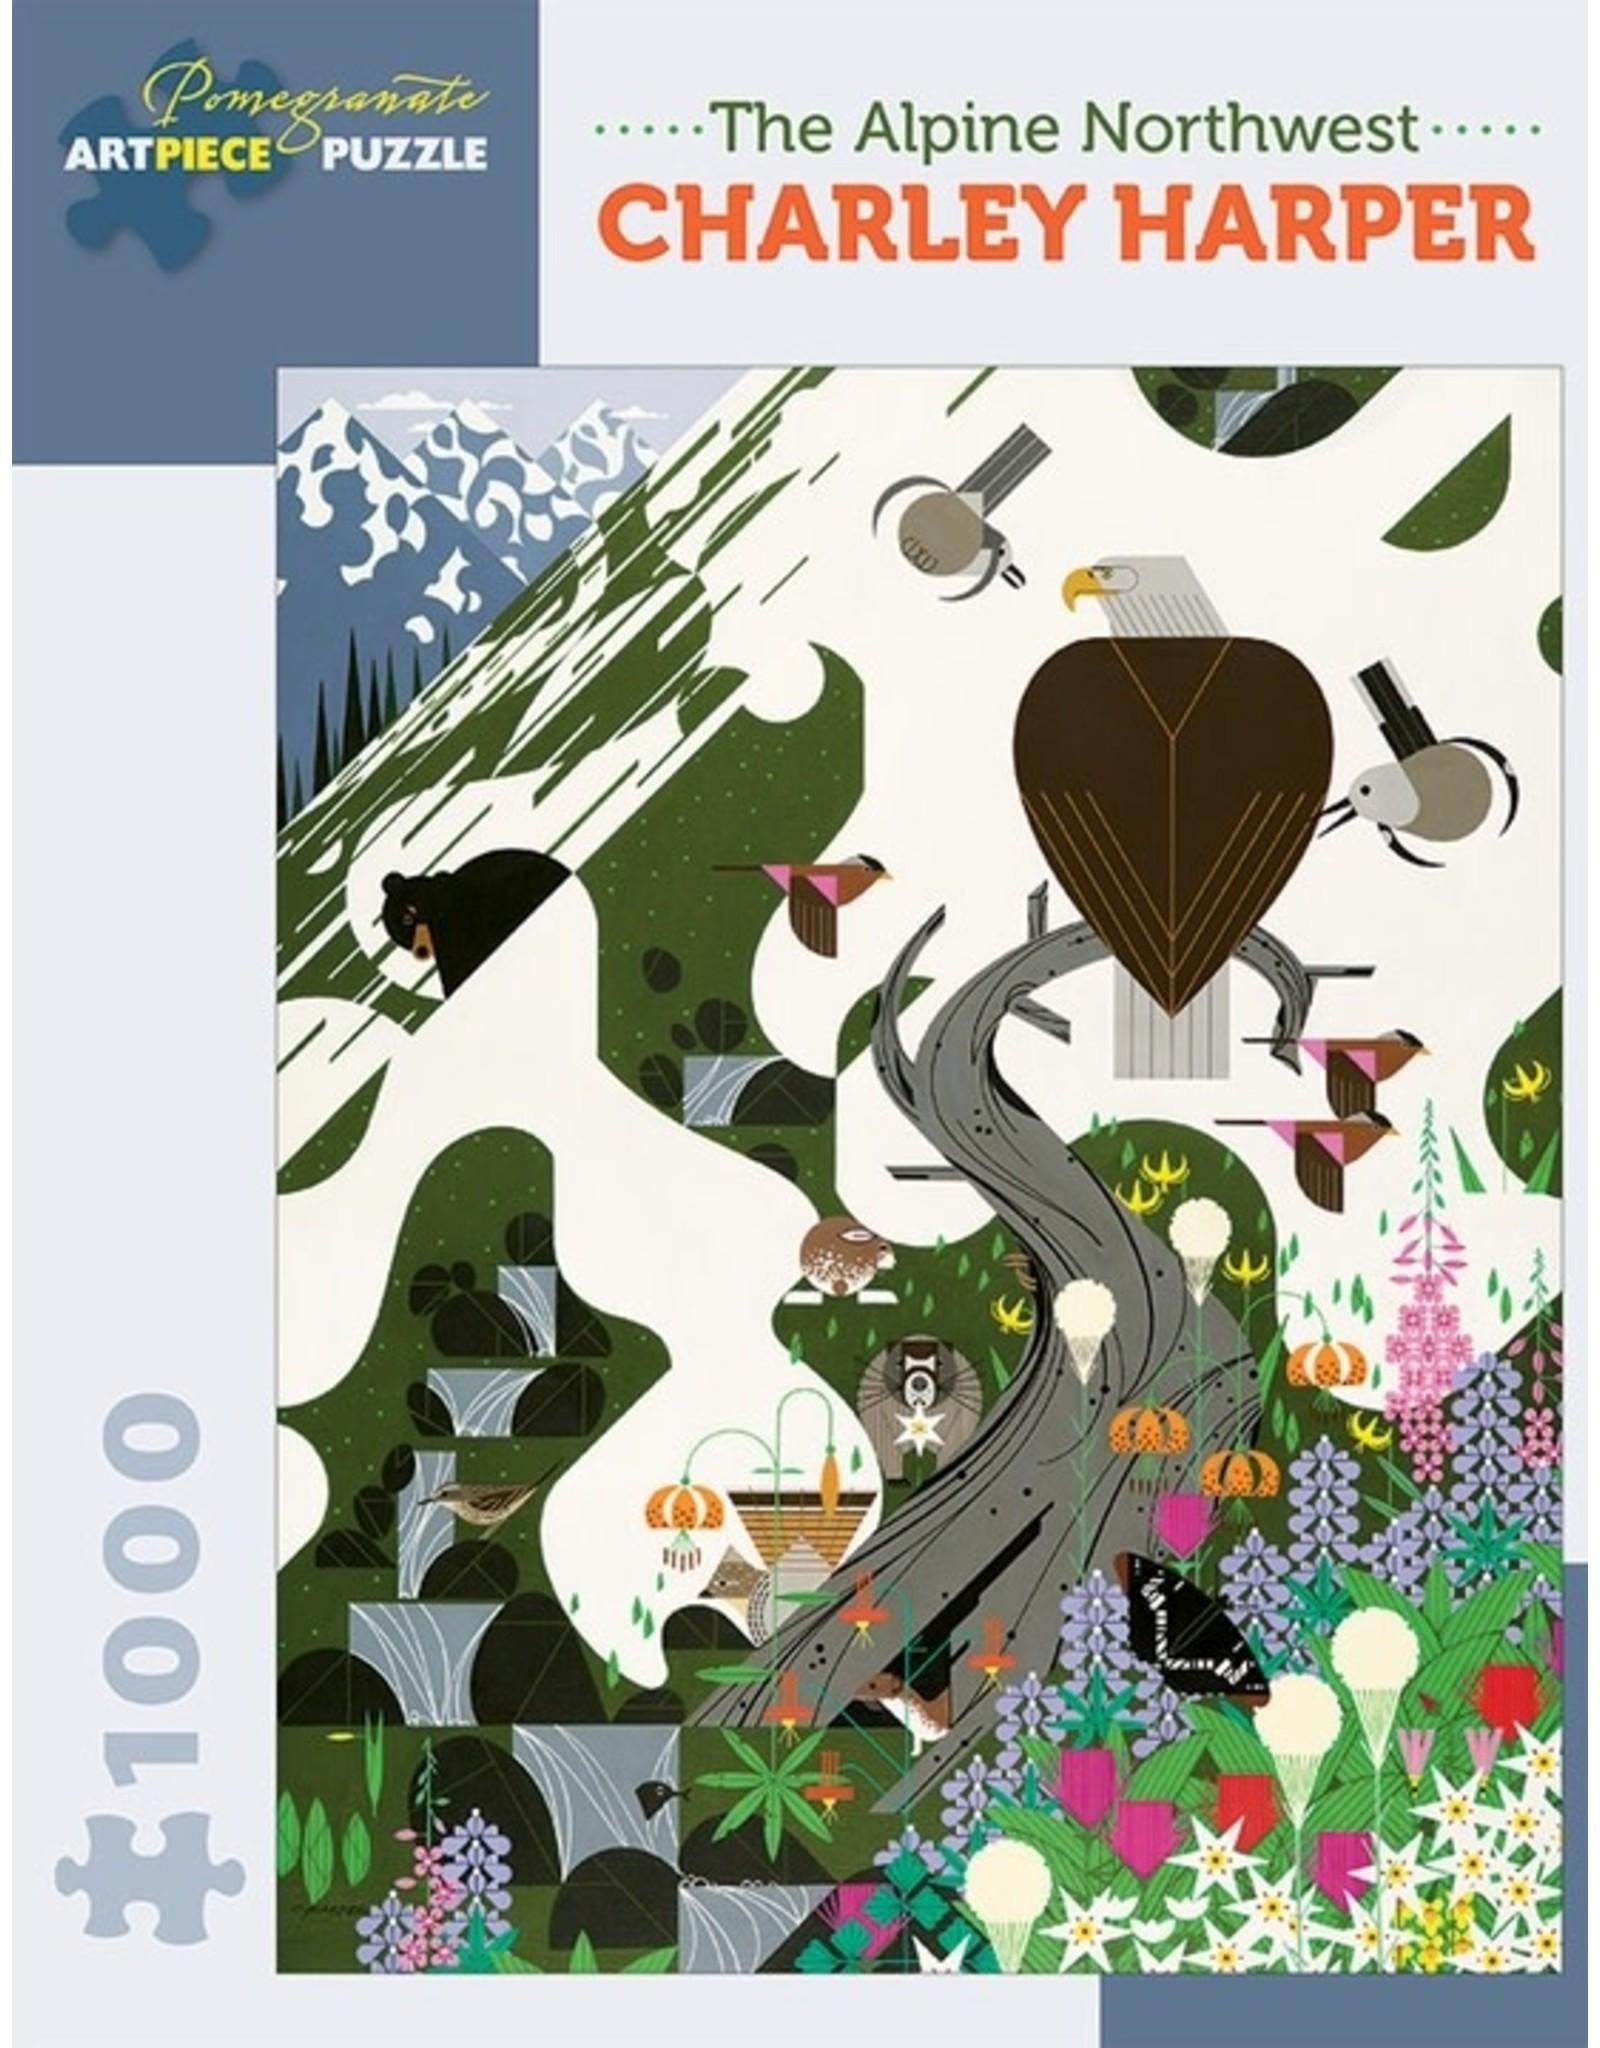 Pomegranate Charley Harper The Alpine Northwest - 1000 Piece Jigsaw Puzzle